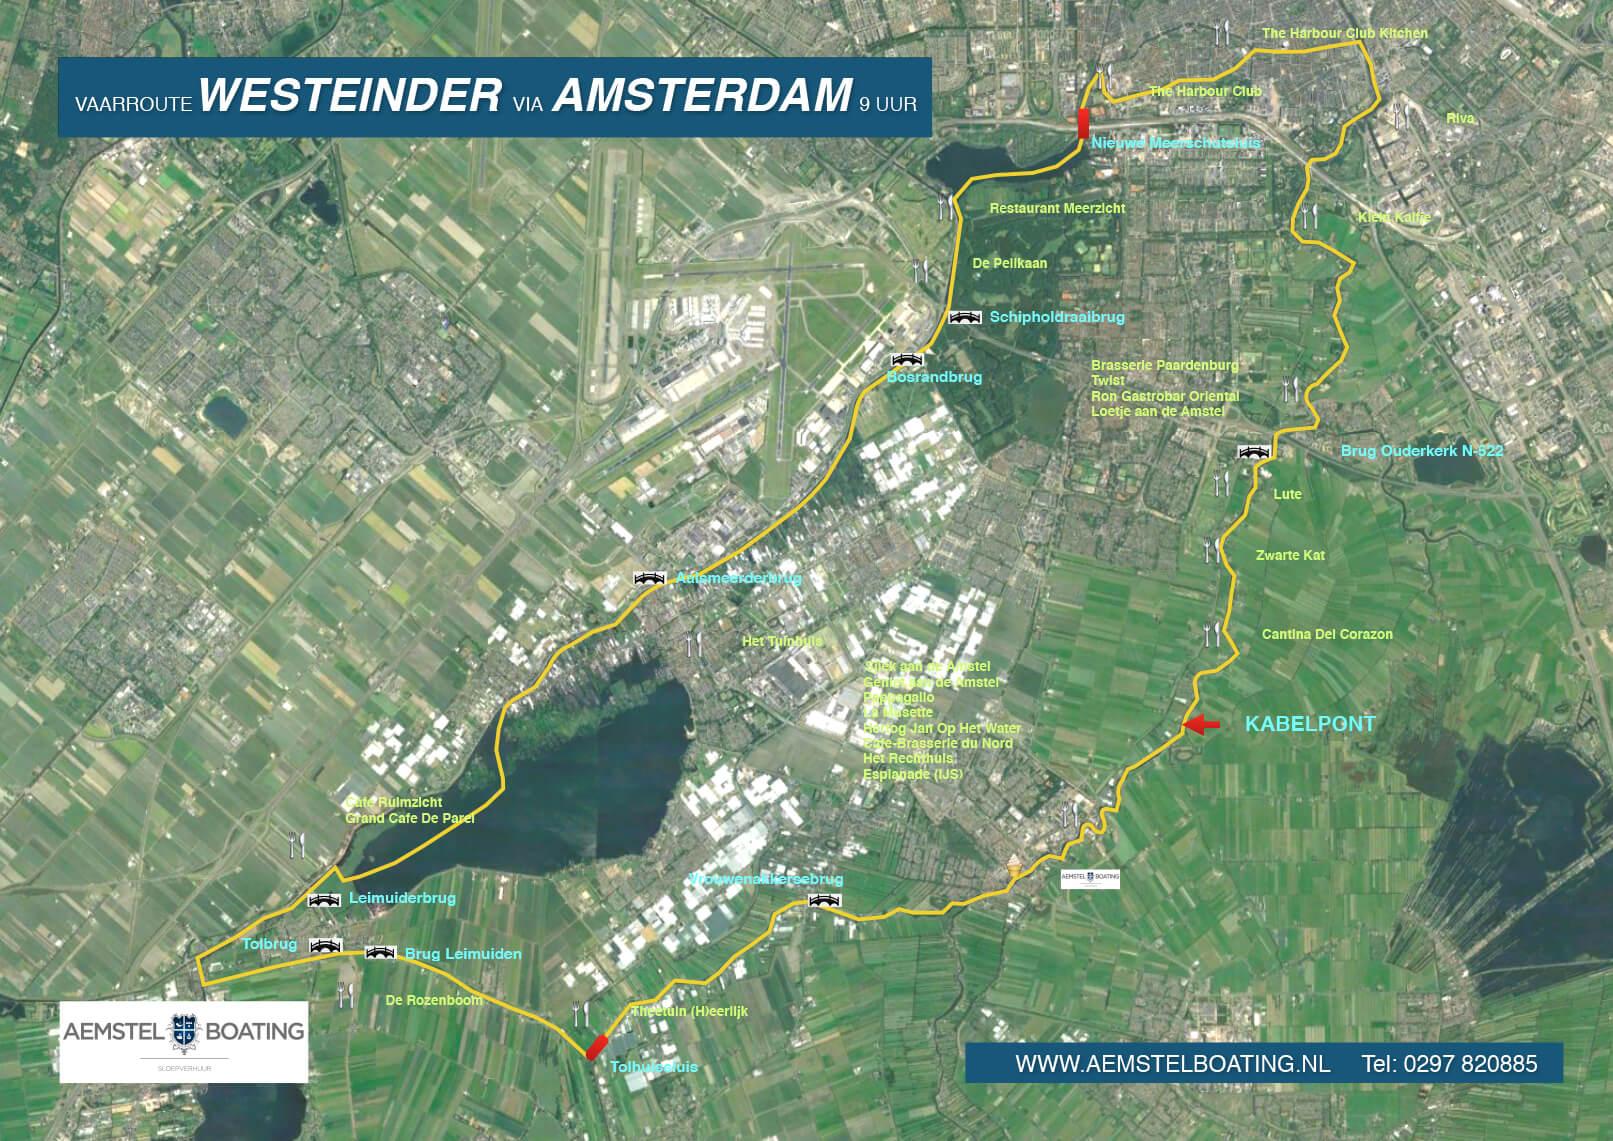 AemstelBoating_Vaarroute_Amstel_Westeinder